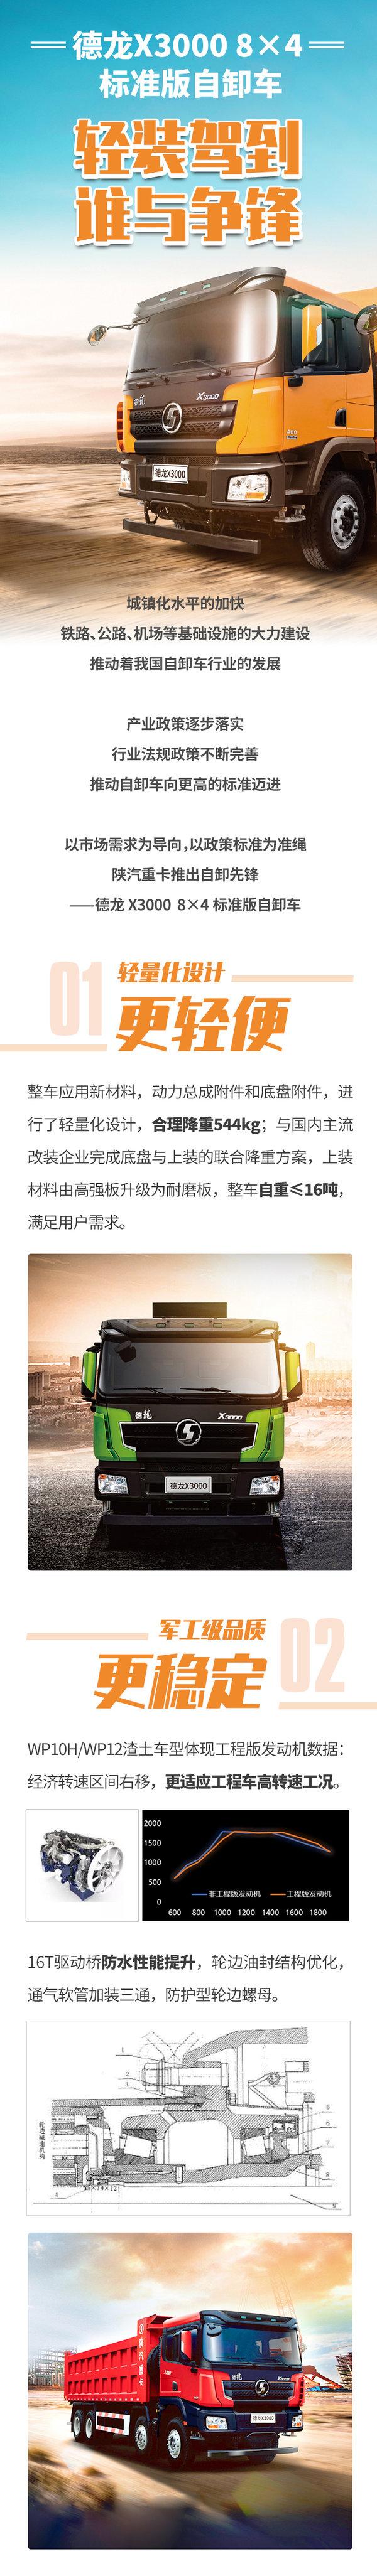 德龙X30008×4标准版自卸车轻装驾到!